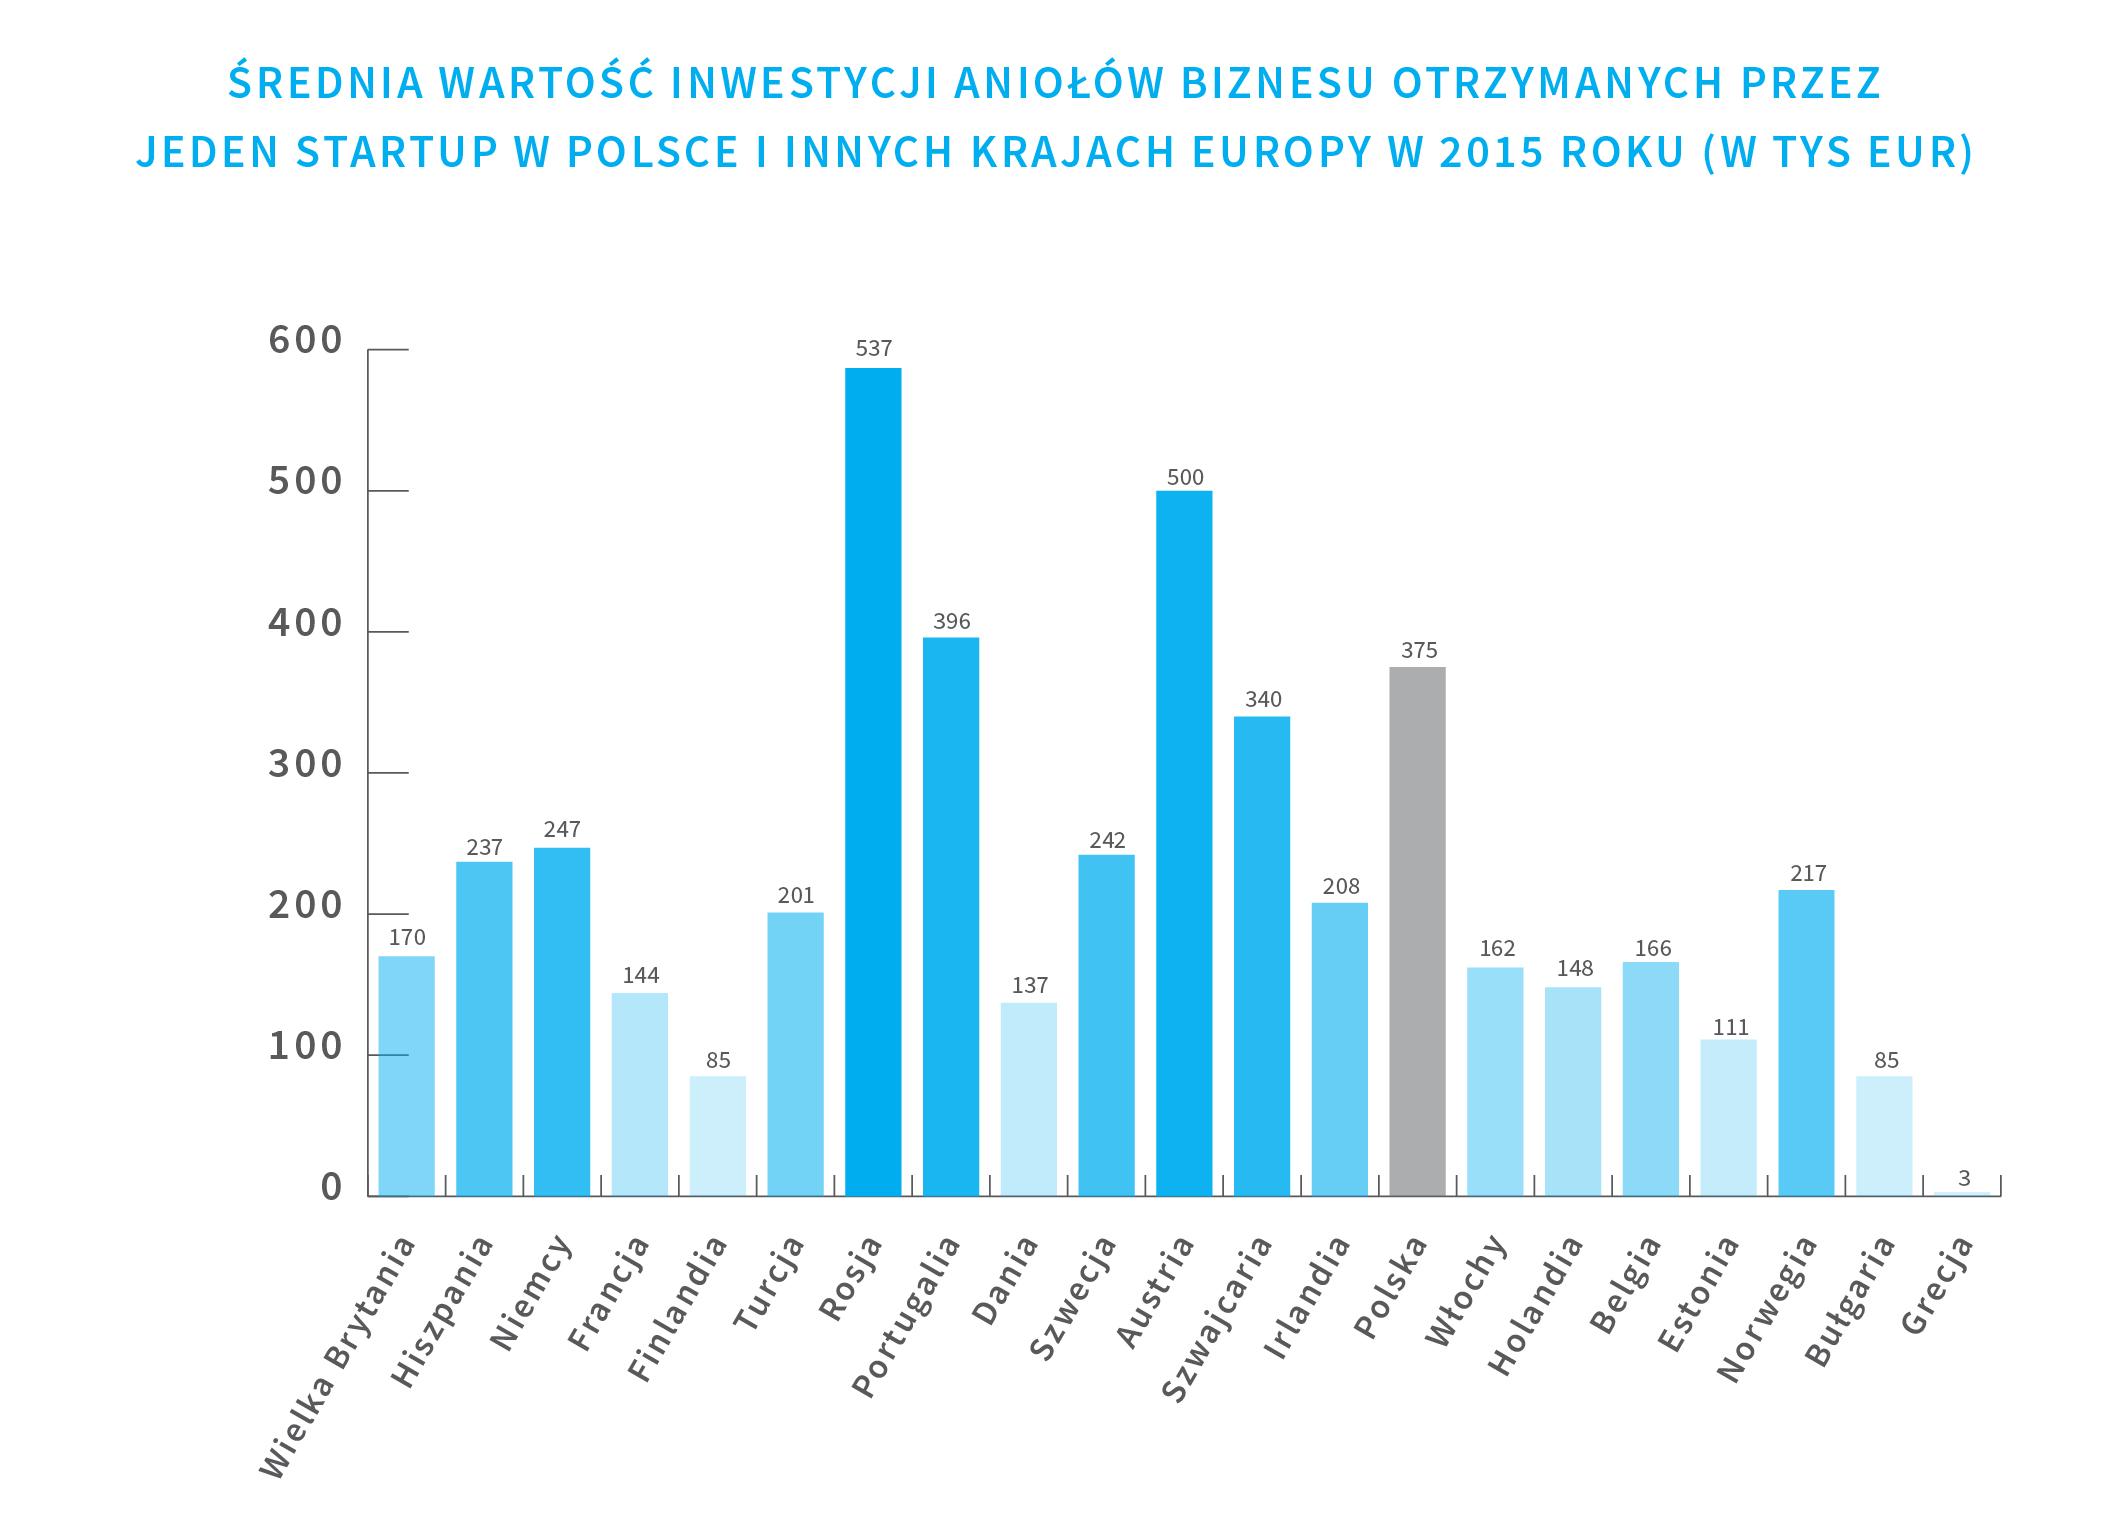 srednia-wartosc-inwestycji-aniolow-biznesu-otrzymanych-przez-jeden-startup-w-polsce-i-innych-krajach-europy-w-2015-roku